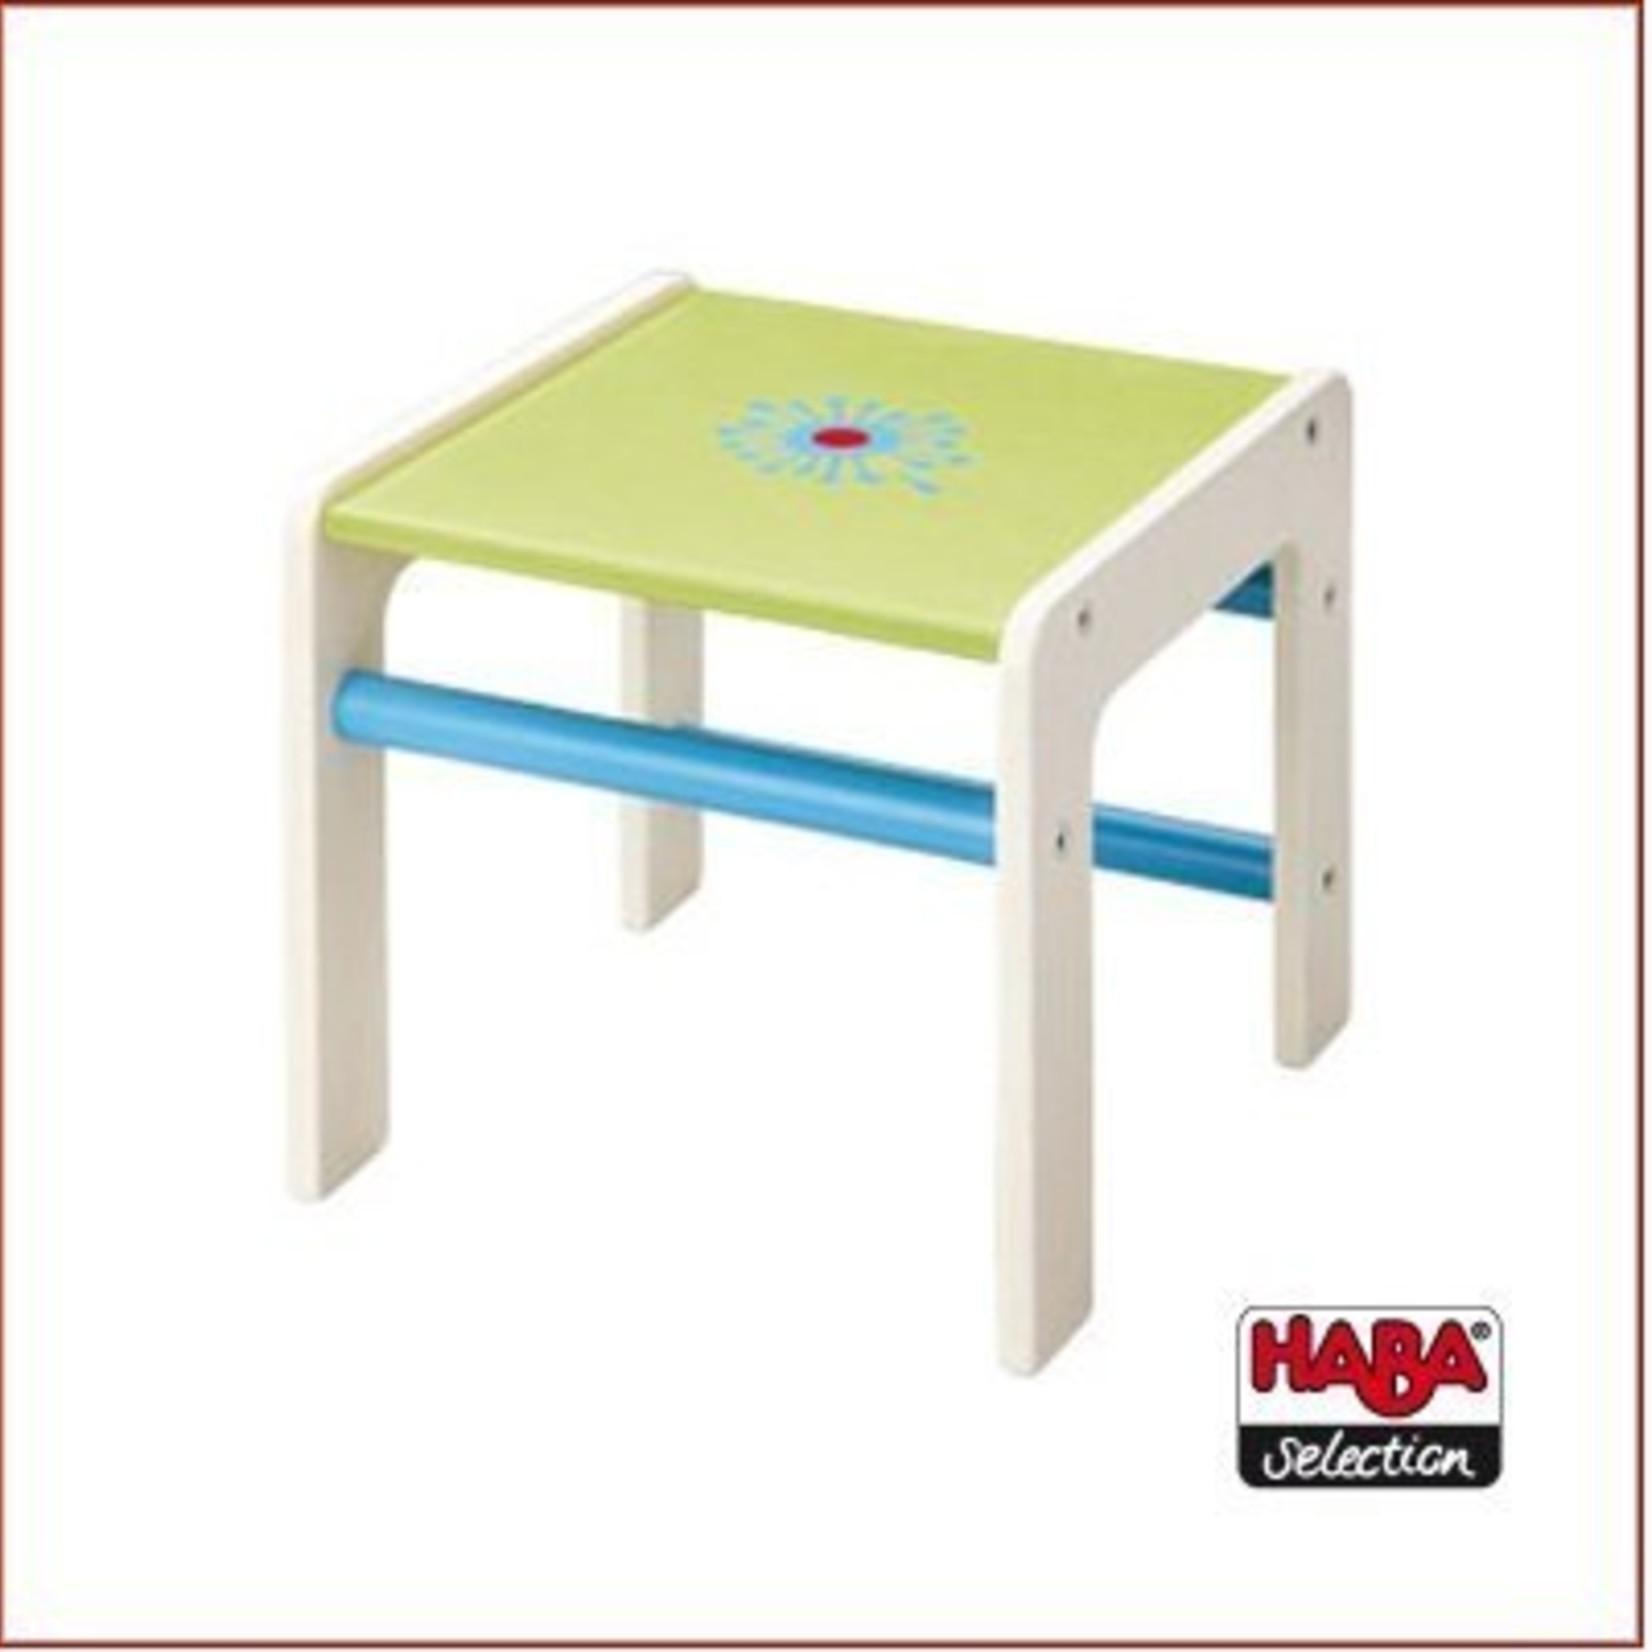 Haba Haba Selection poppentafel Paardenbloem